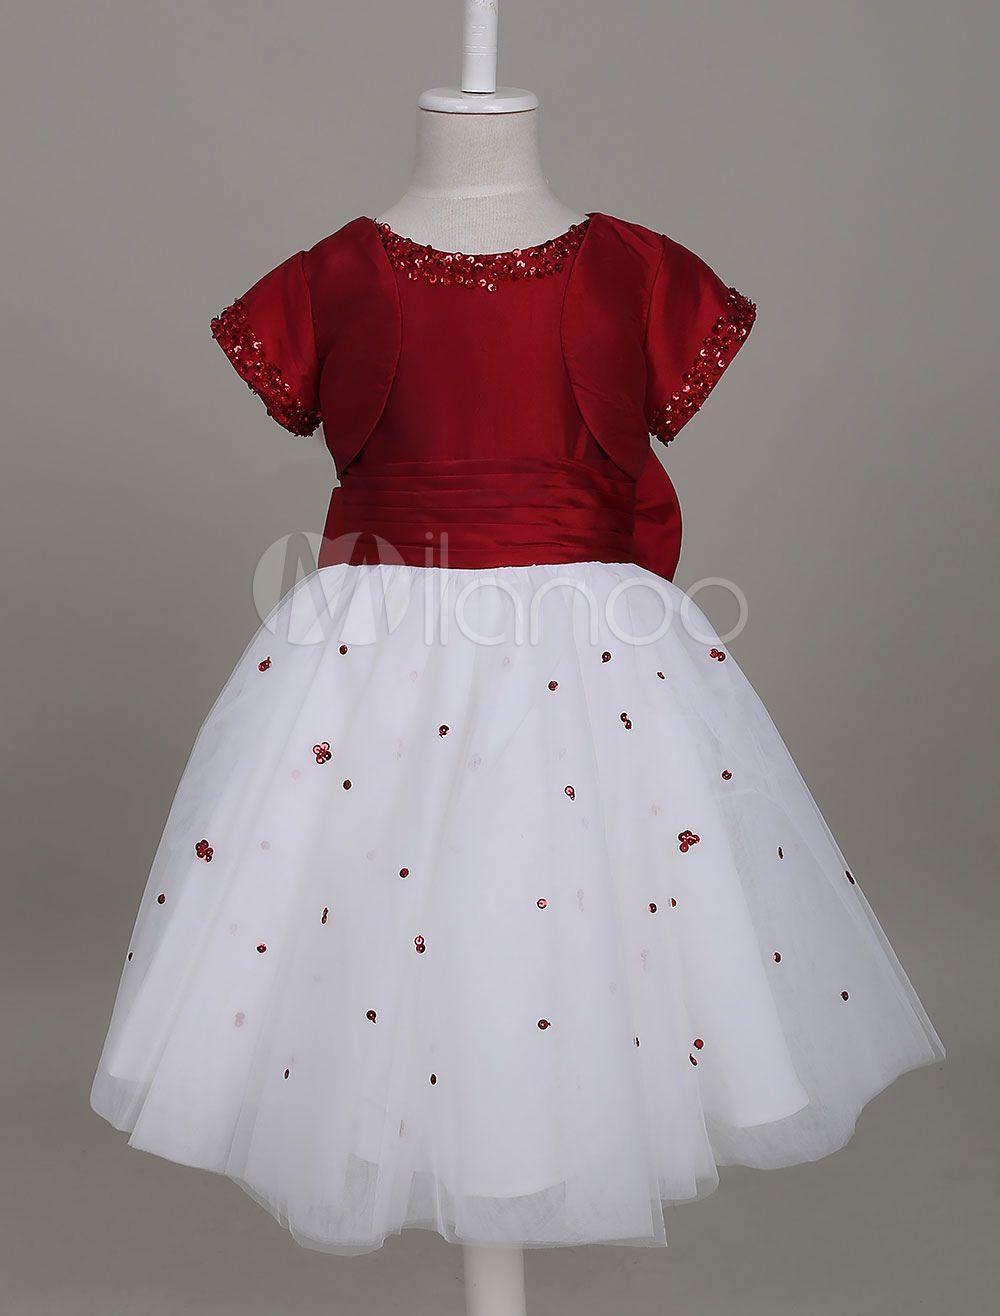 5738bcc39 Flower Girl Dresses Burgundy Tutu Dress Kids Short Sleeve Sequin Bow Knee  Length Formal Party Dresses For Girls #Dress, #Tutu, #Short